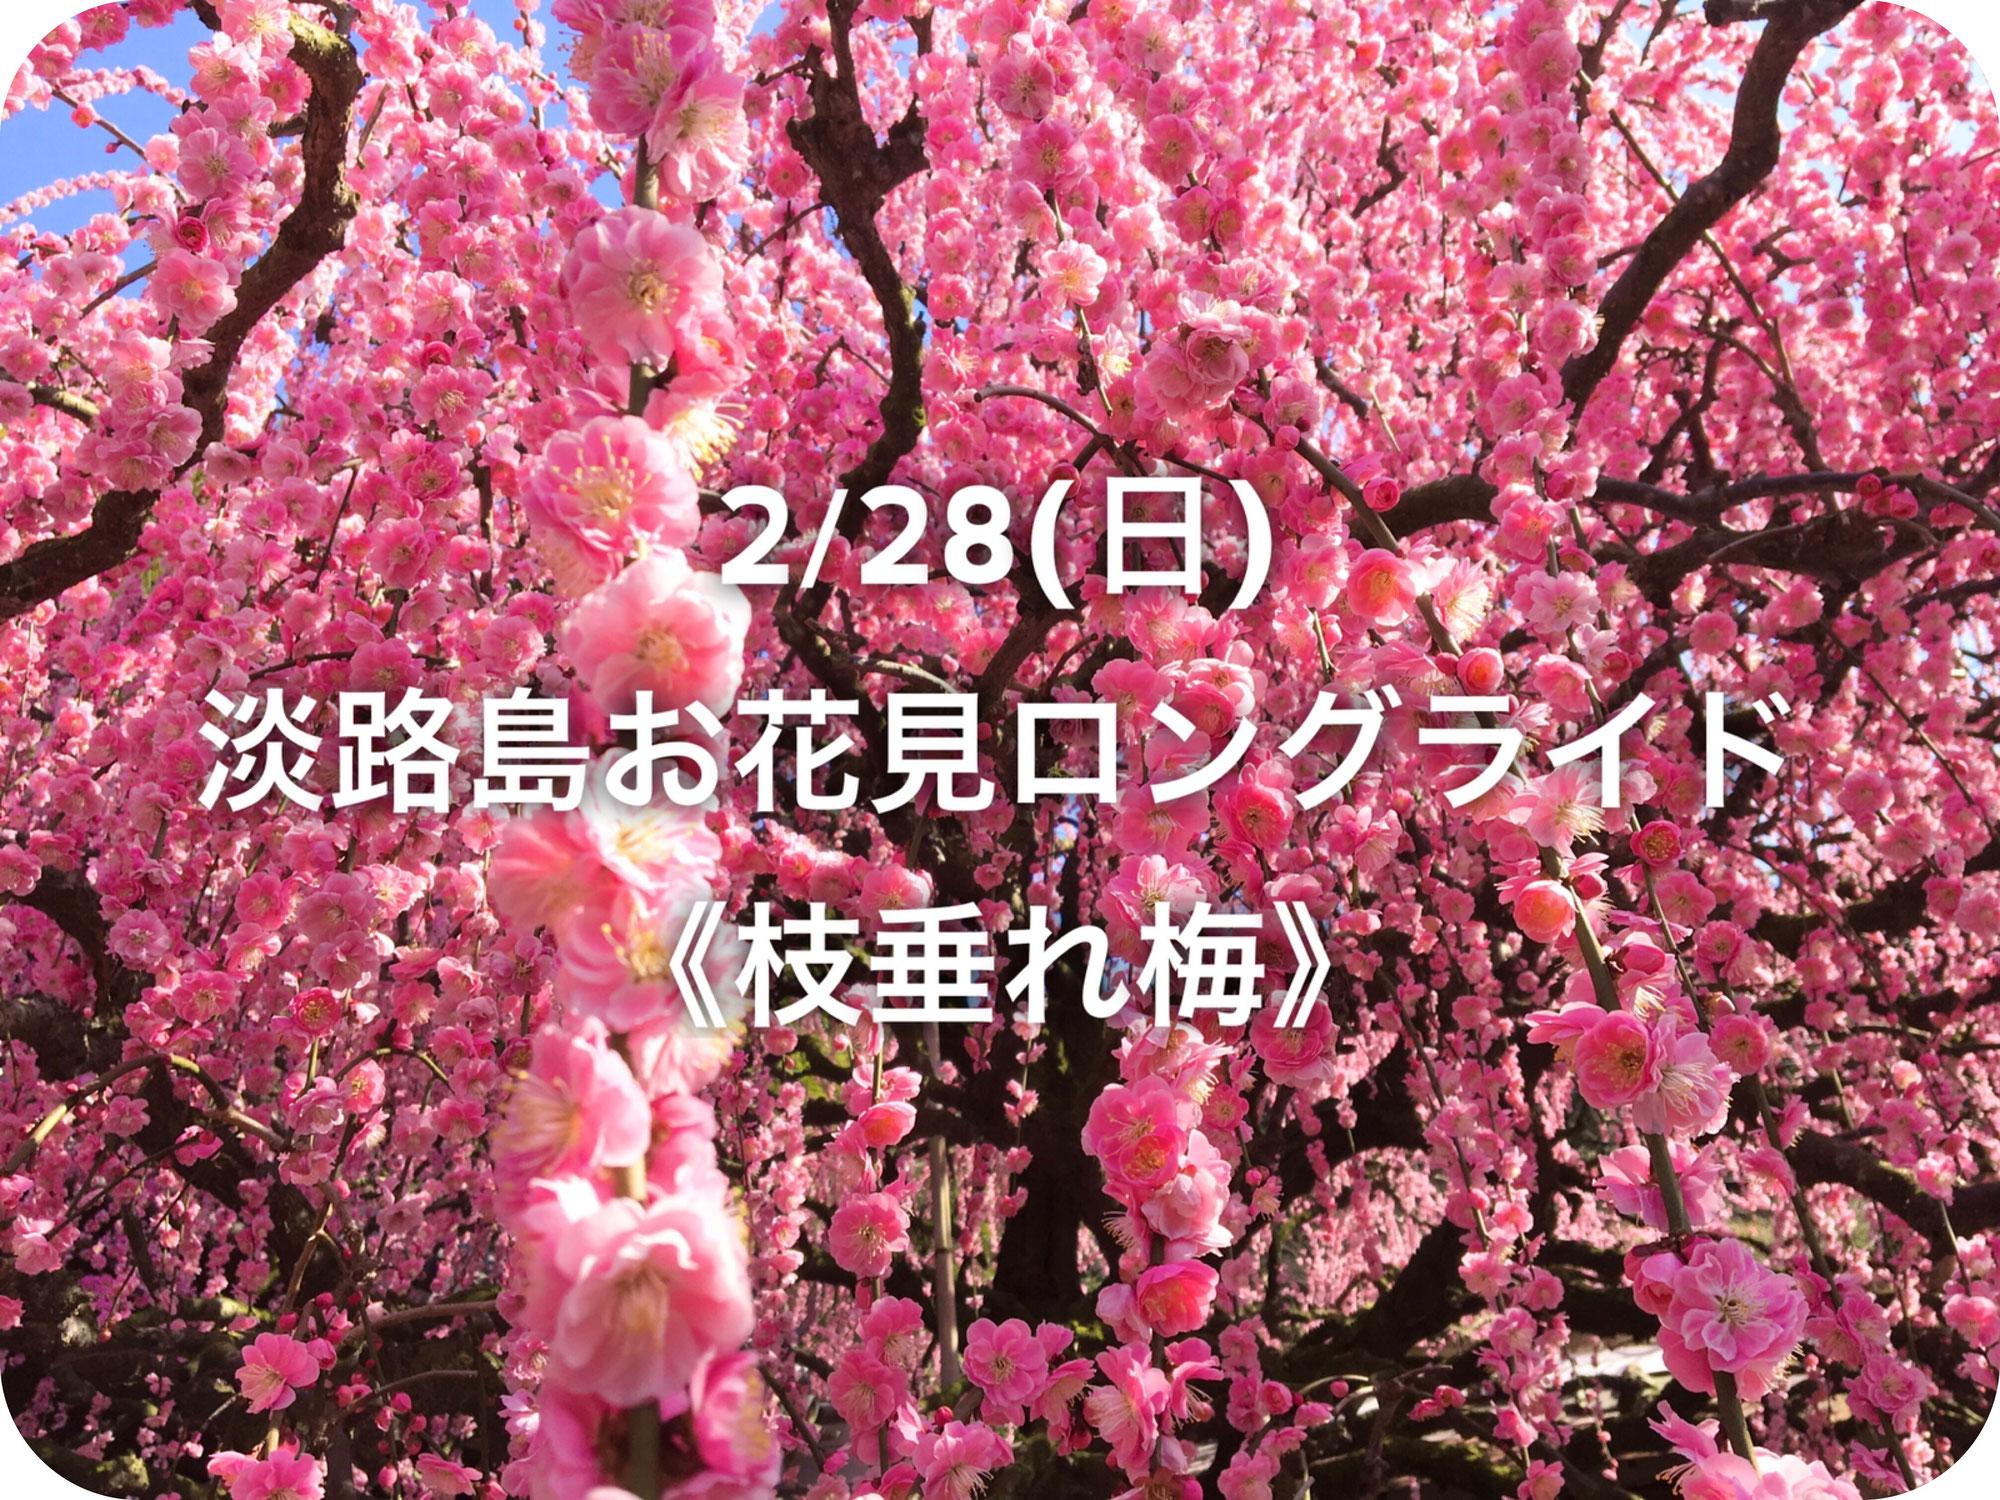 2/28(日)淡路島お花見ロングライド《枝垂れ梅》